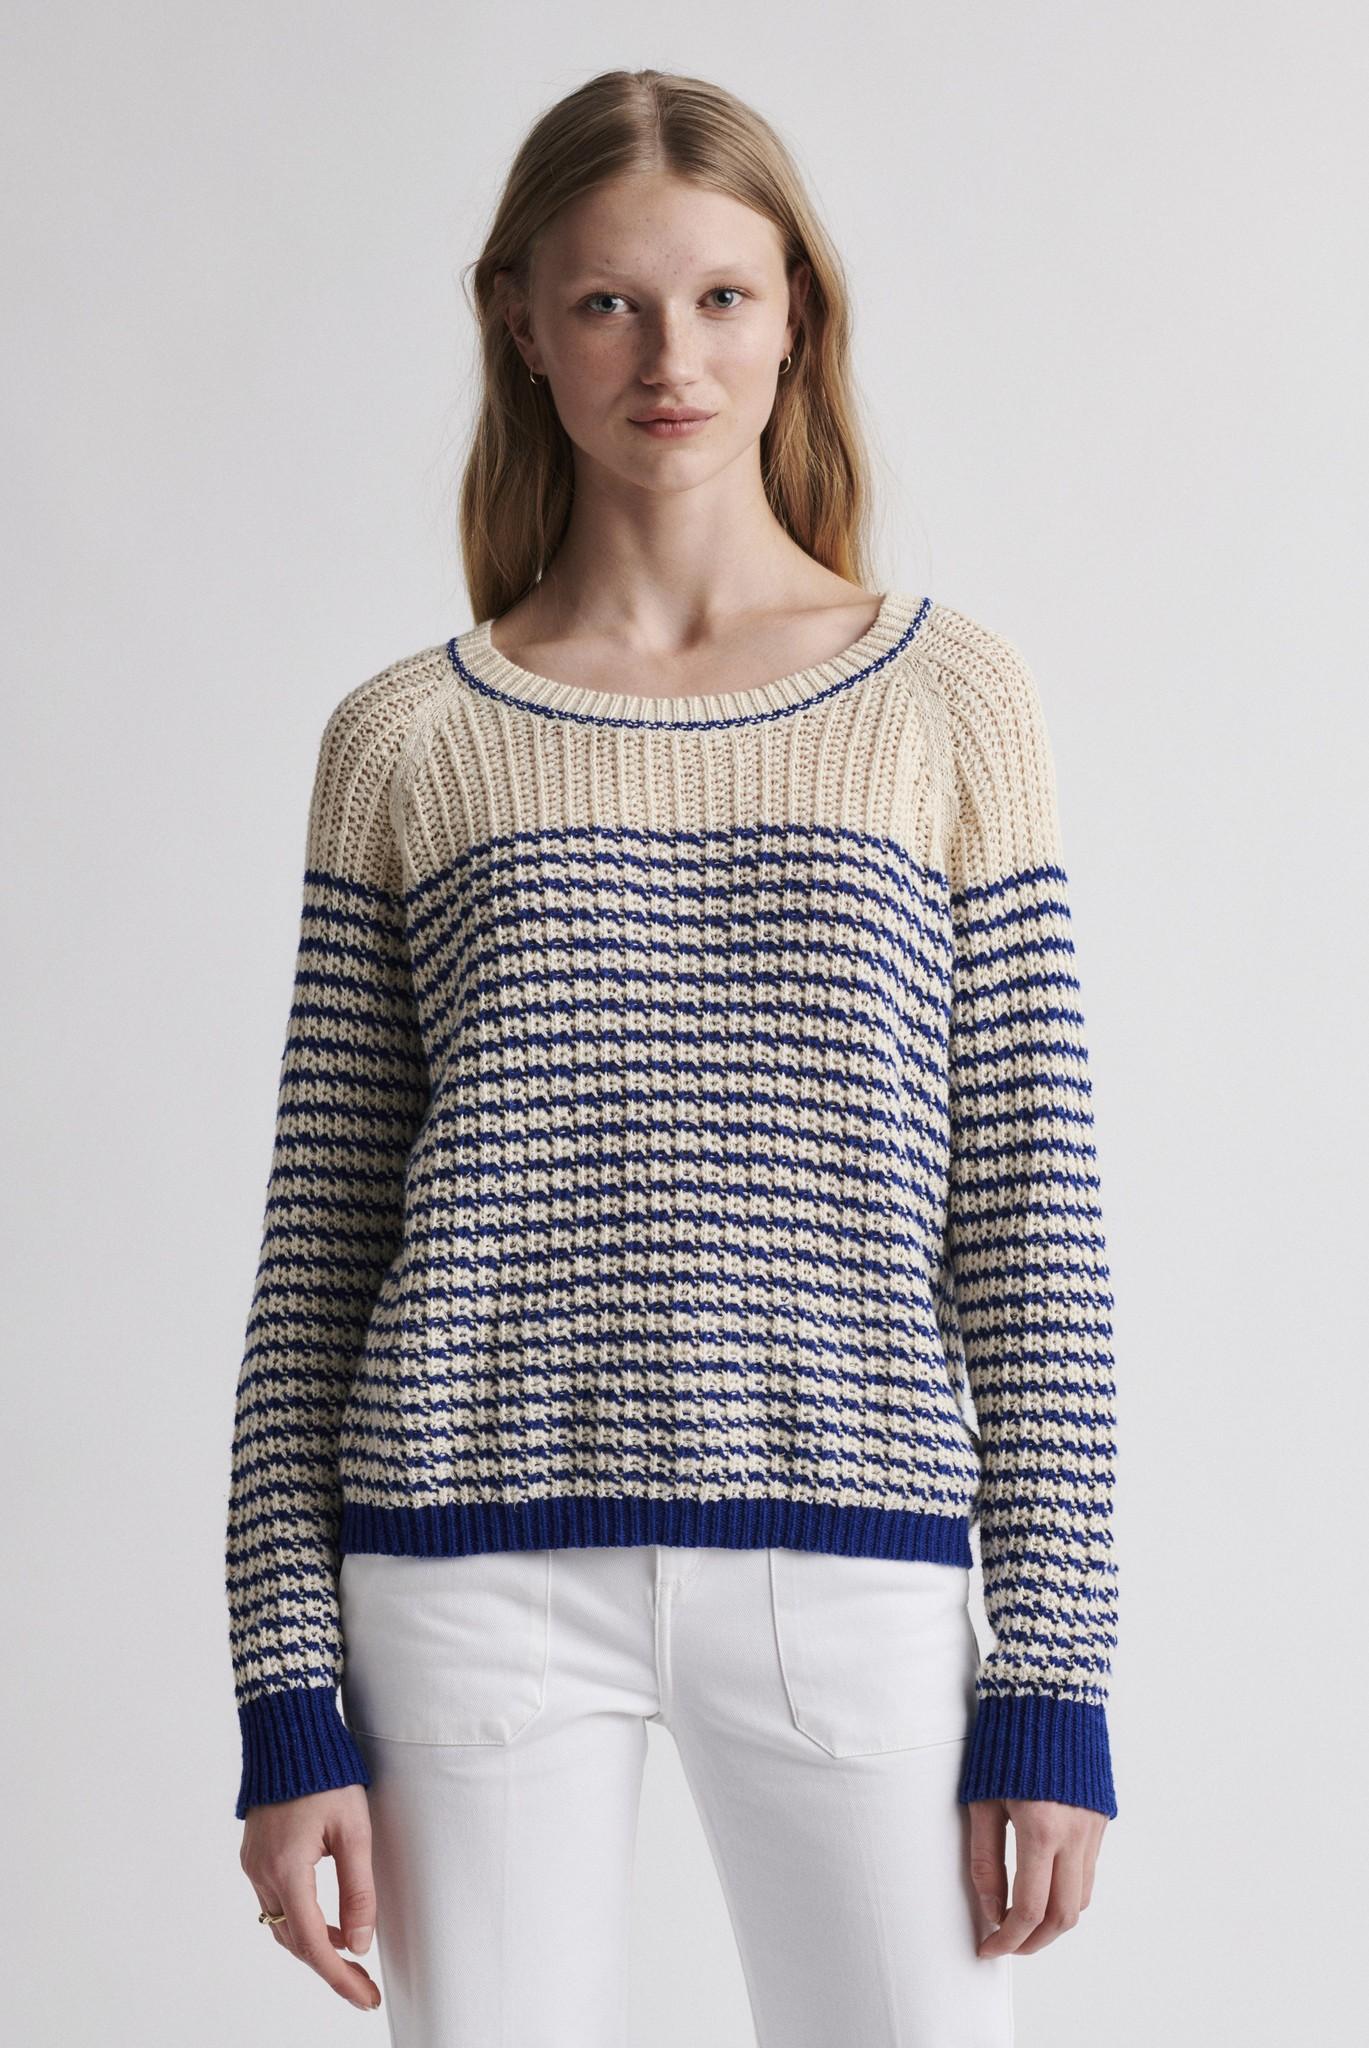 ELVEZIA - Вязаный полосатый пуловер